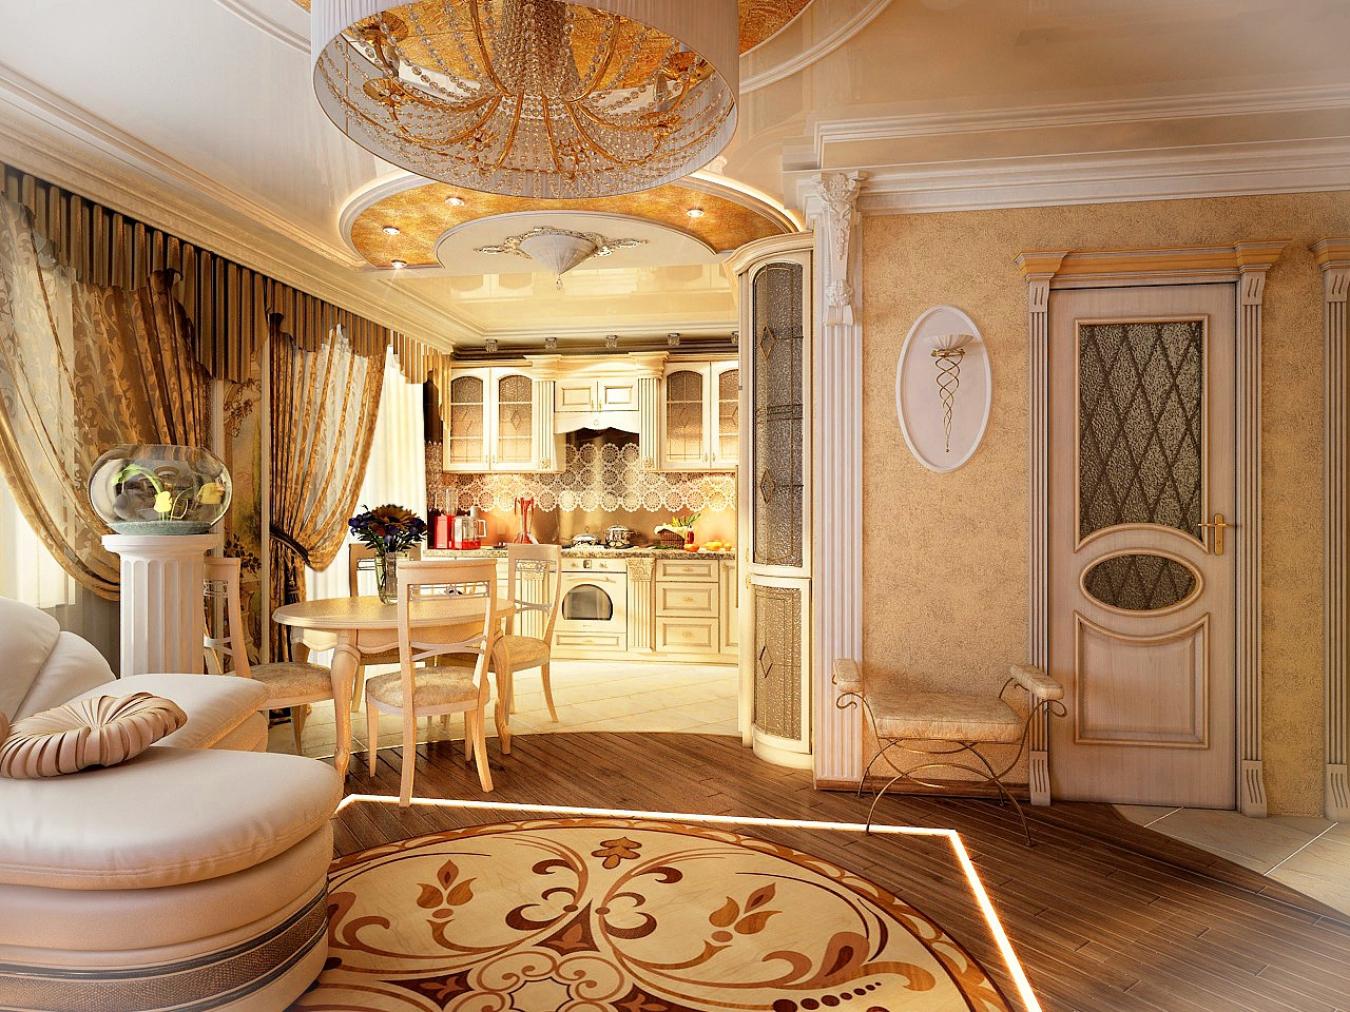 Дизайн квартир классический стиль